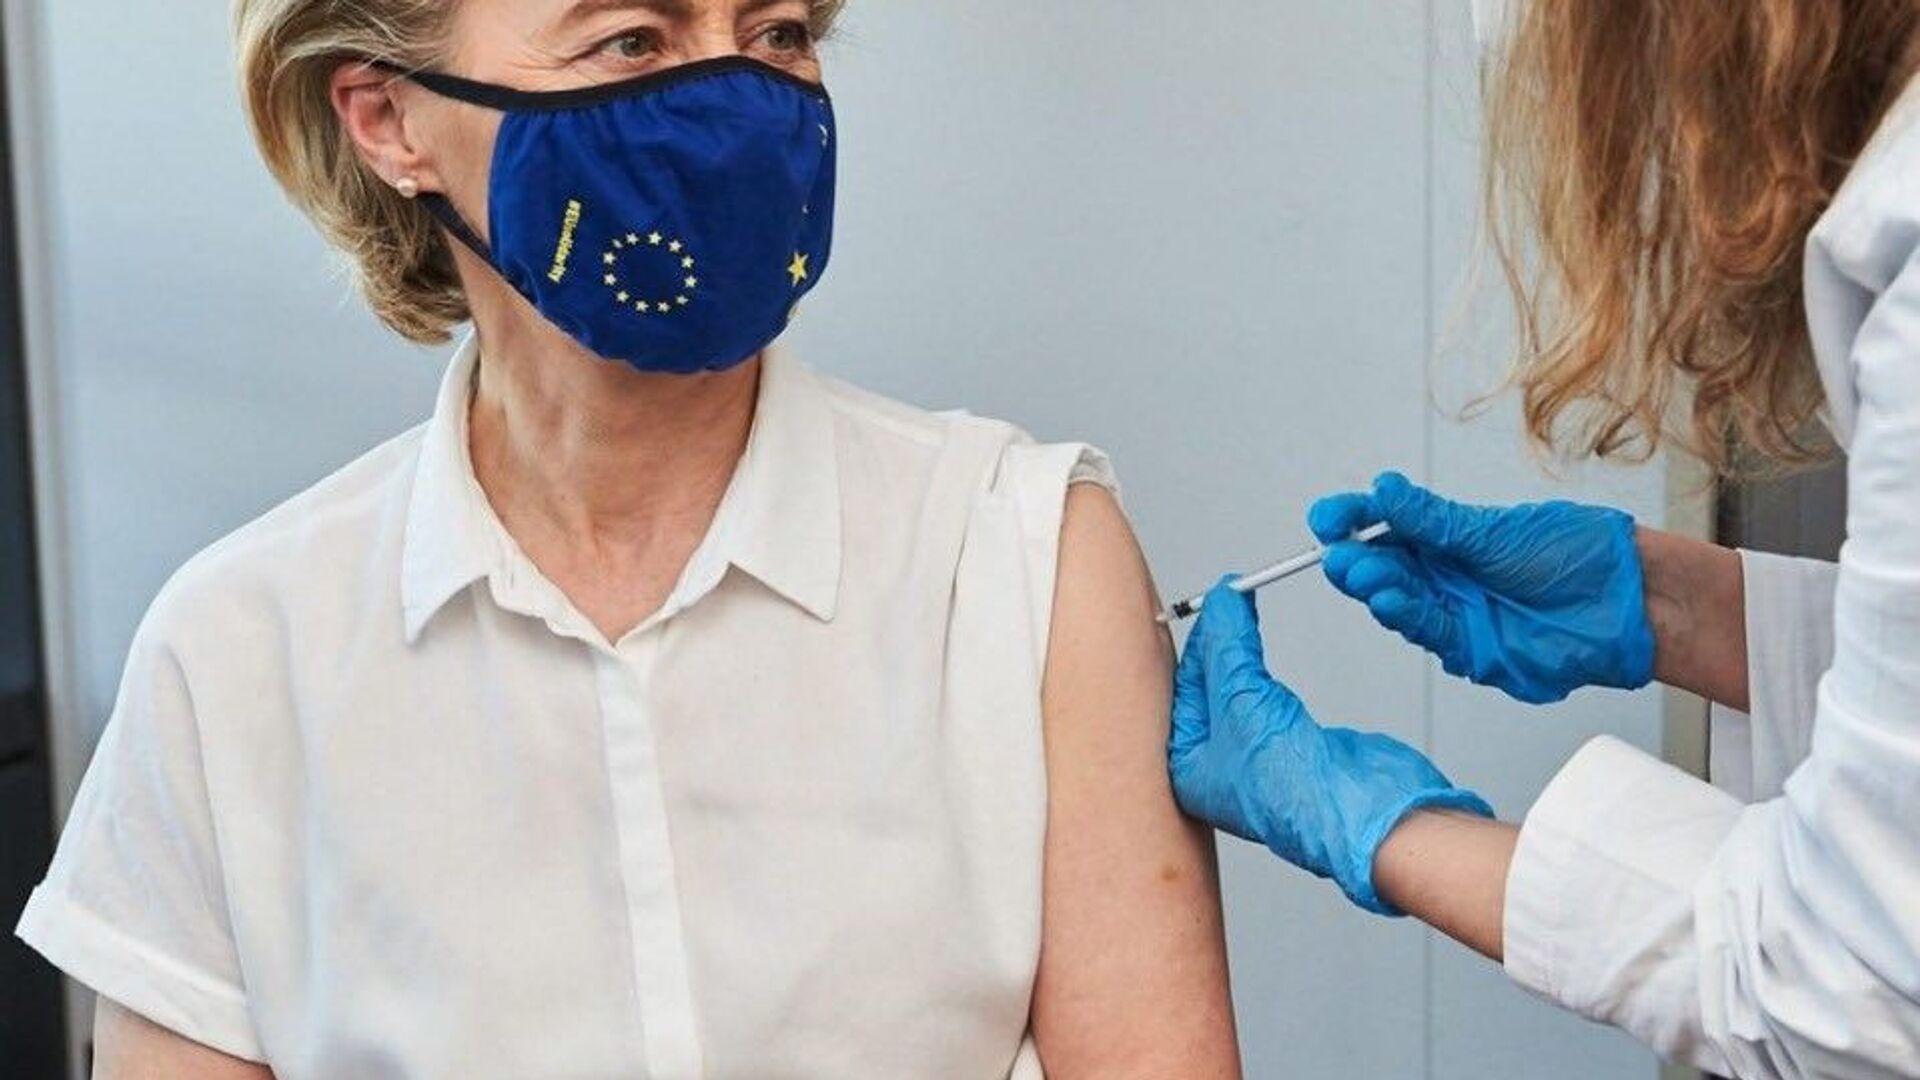 La vaccinazione di Ursula Von Der Leyen - Sputnik Italia, 1920, 15.04.2021